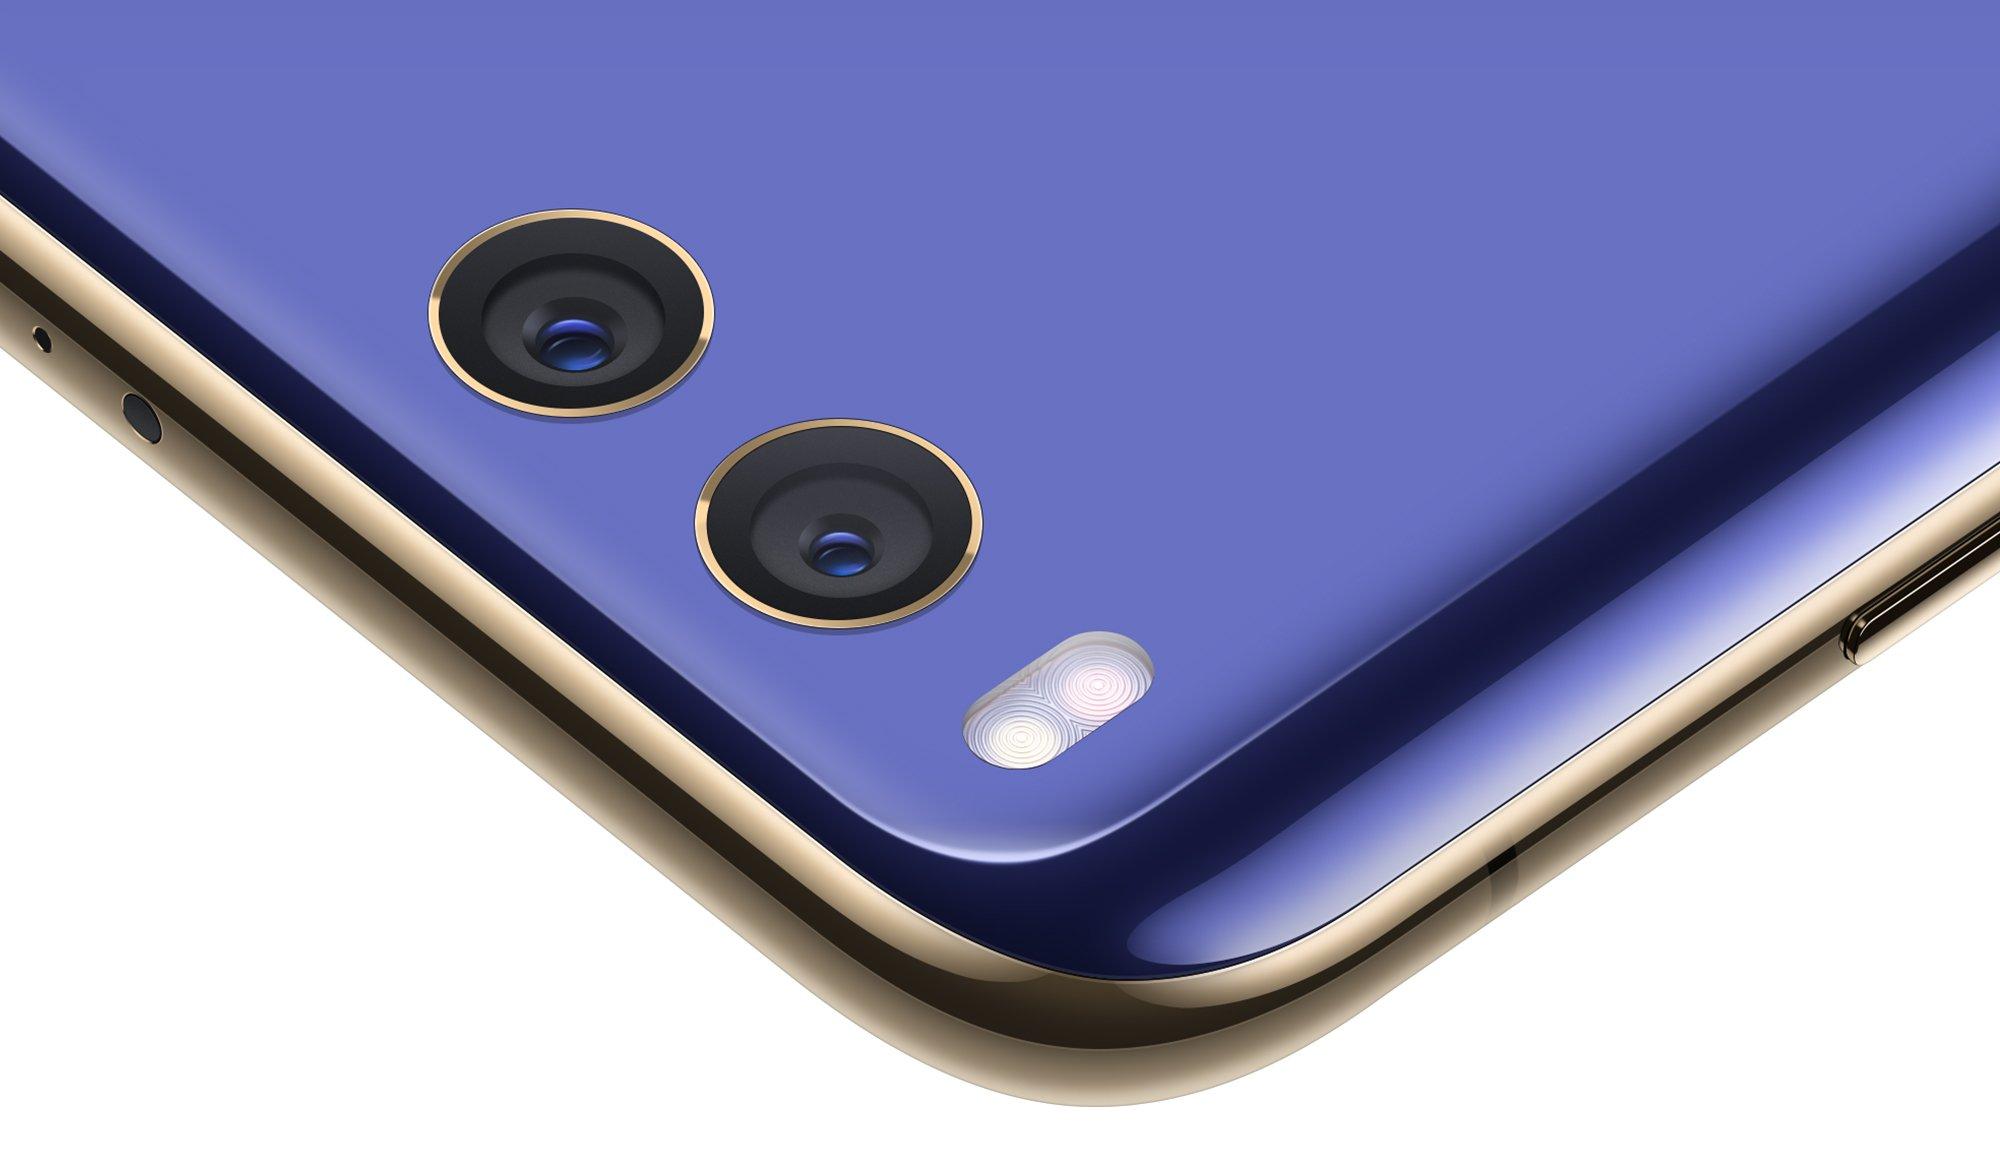 Xiaomi Mi 6 mit Dual-Kamera und zu allen Seiten rund geschliffener Glasrückseite (Bild: Xiaomi)